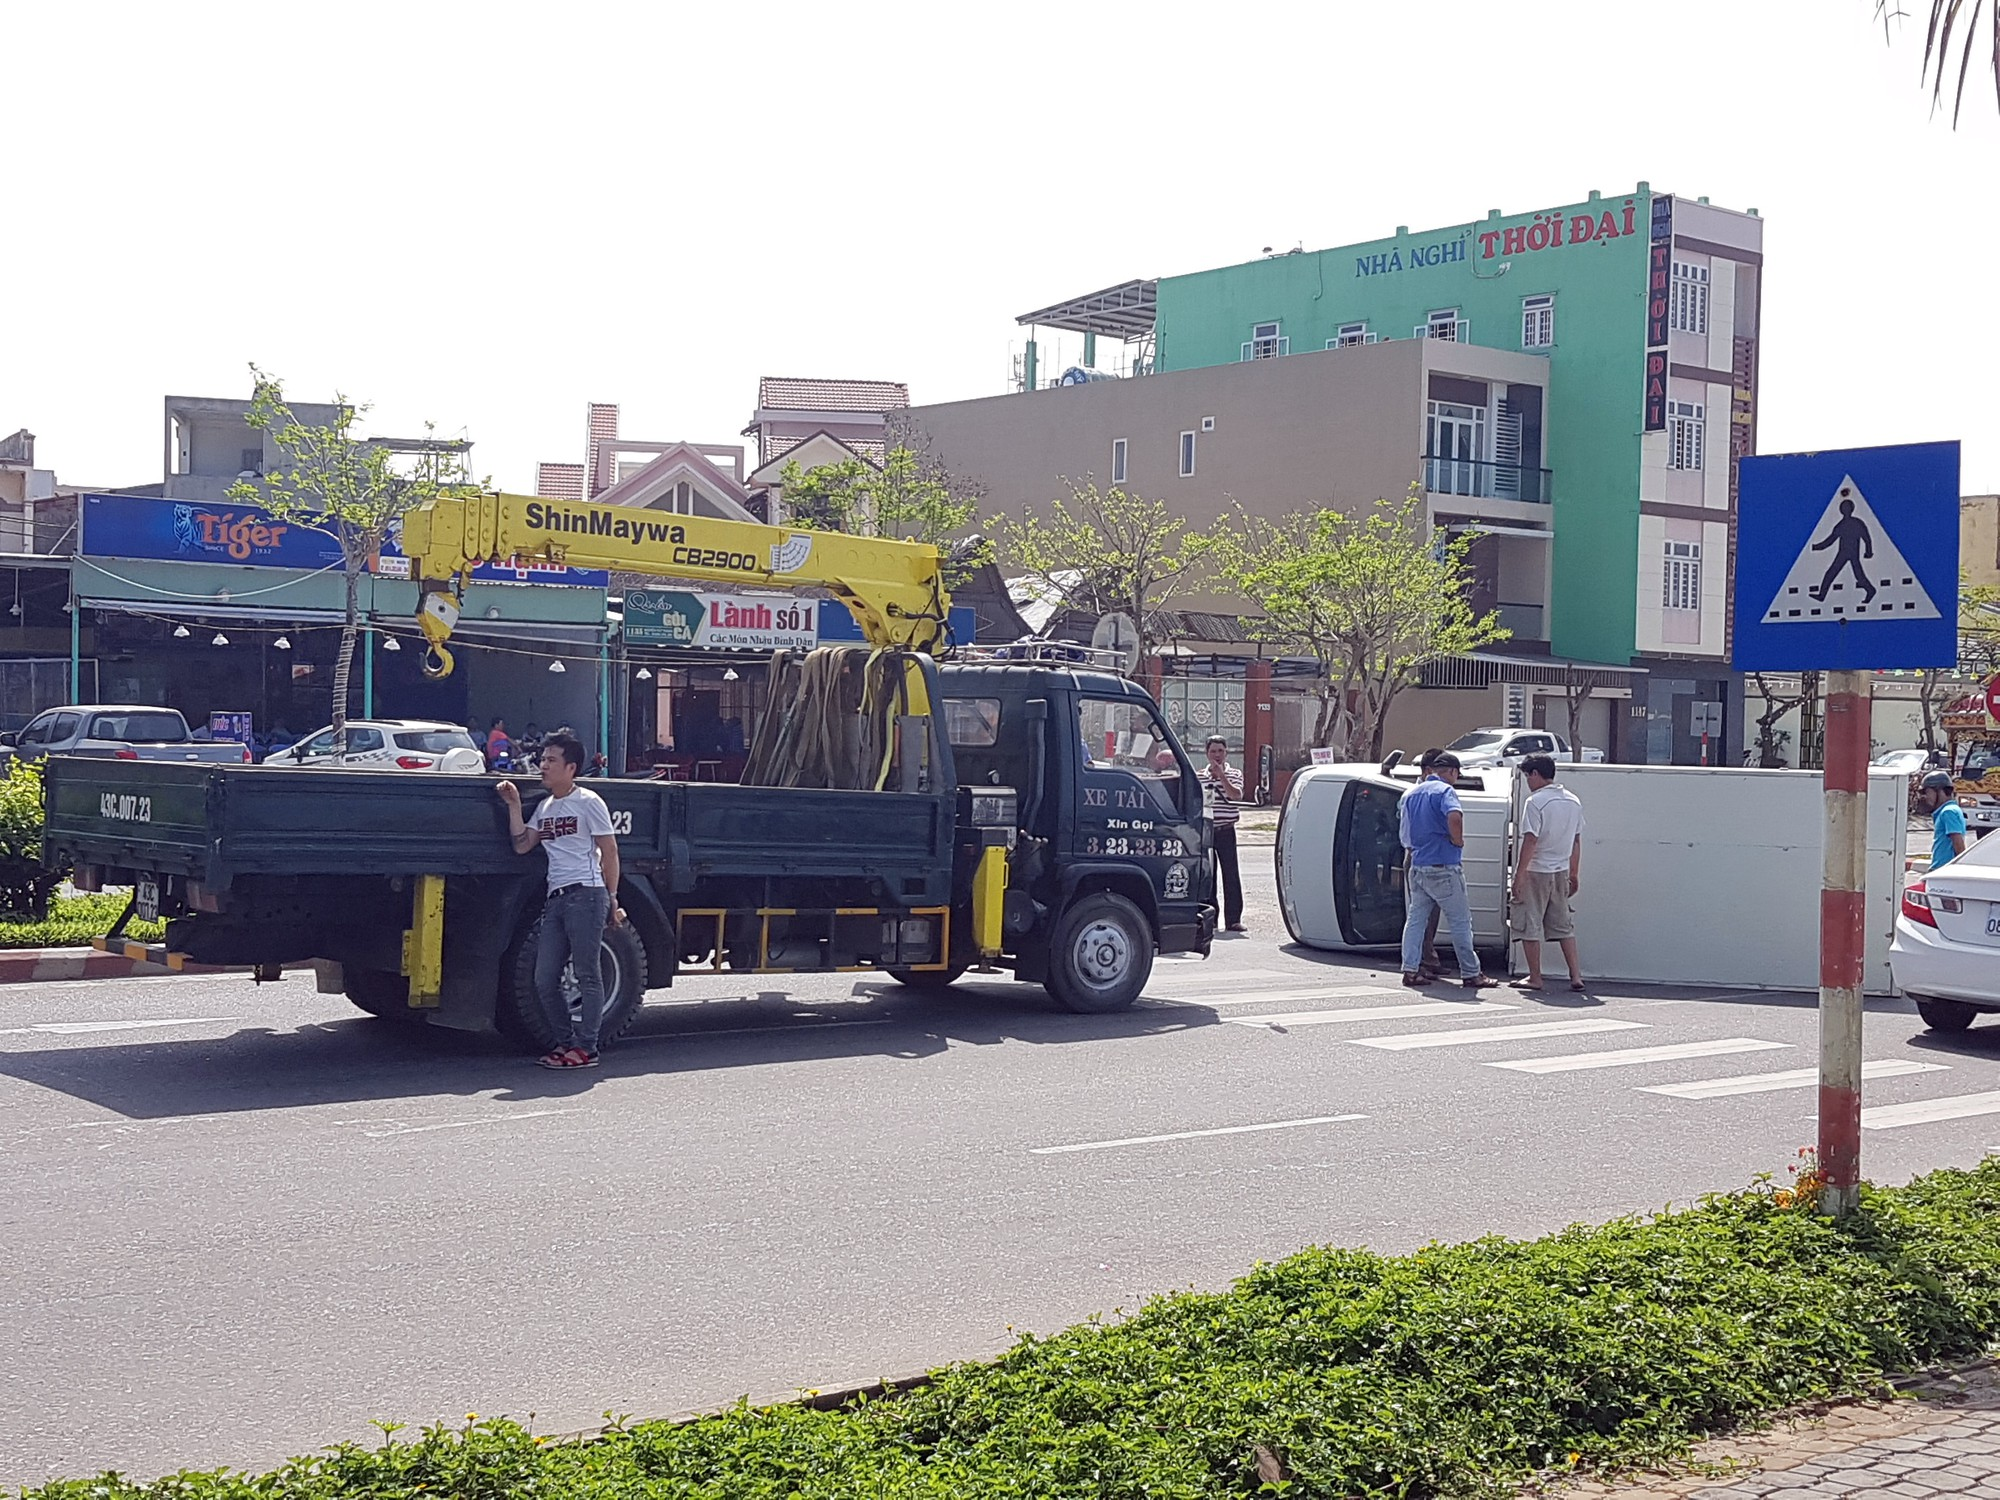 Xe cẩu đến để đưa xe tải ra khỏi hiện trường.